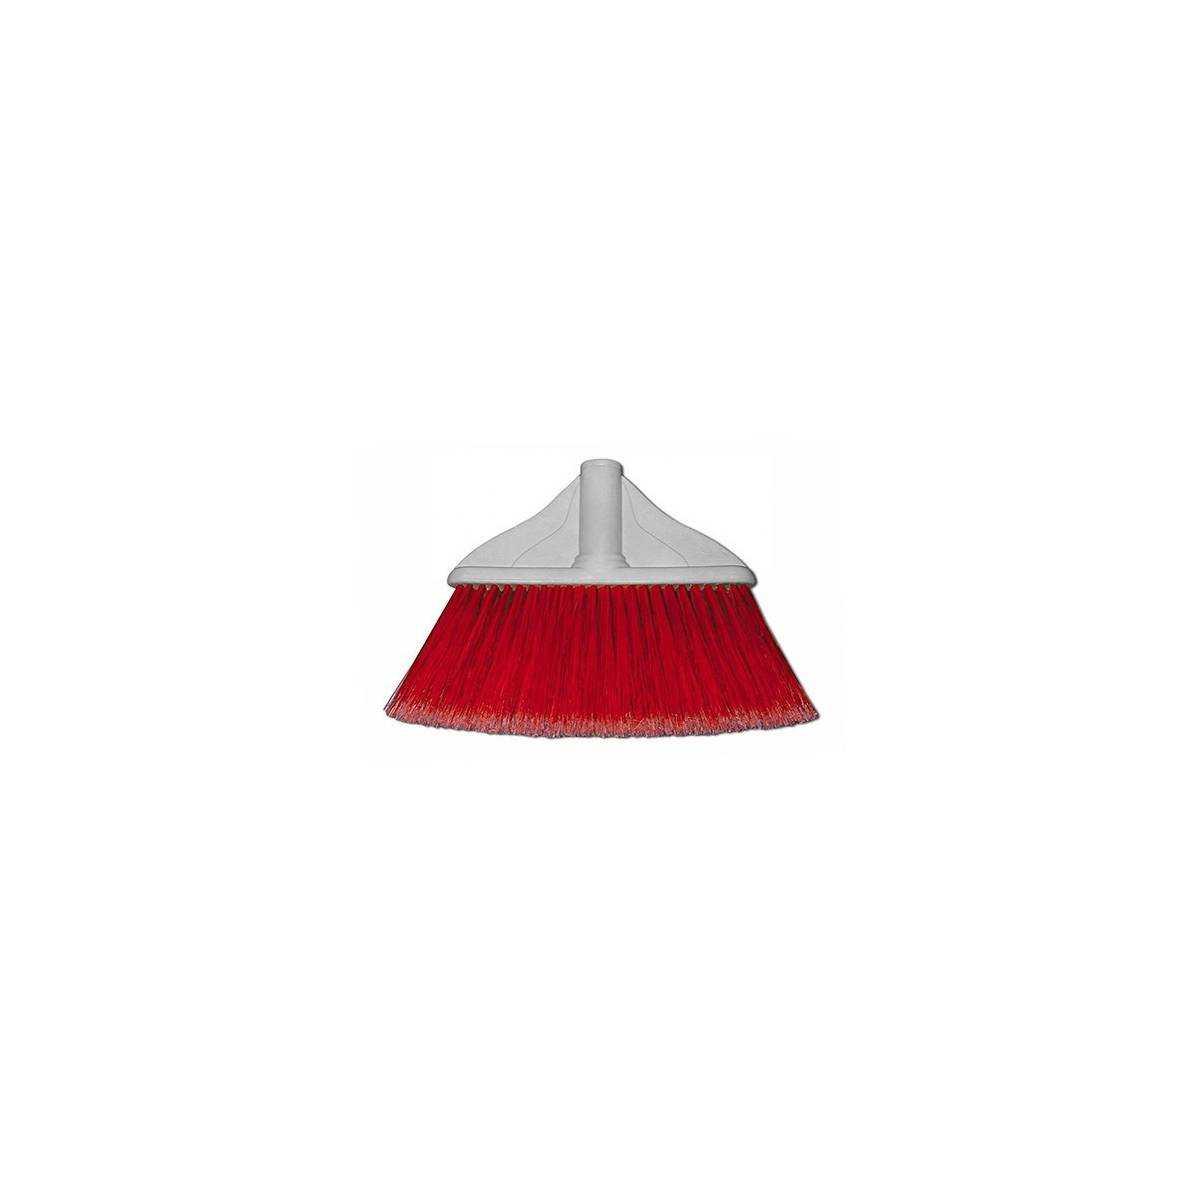 Щетка для пола сменная EUROPA (Красного цвета) 03.00200.0012 R TTS